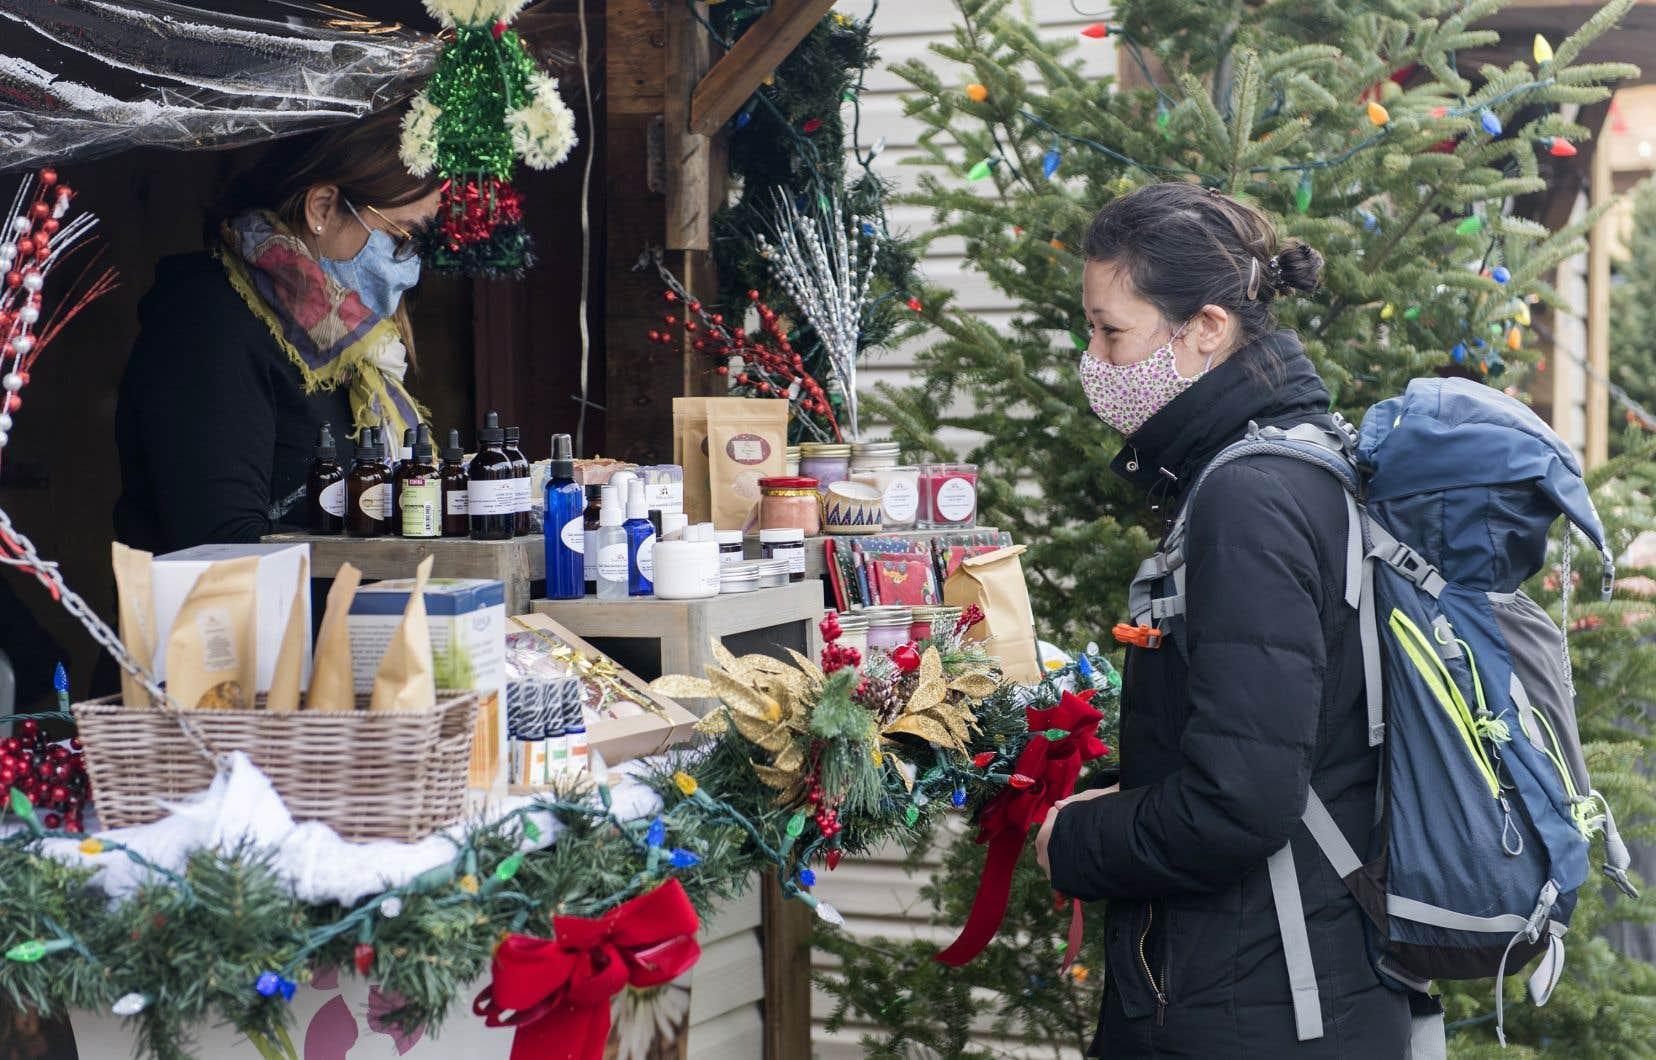 «Adopter le Panier bleu, manger local: ce nouveau credo imposé par la pandémie fait son chemin dans certains milieux», écrivent les autrices.